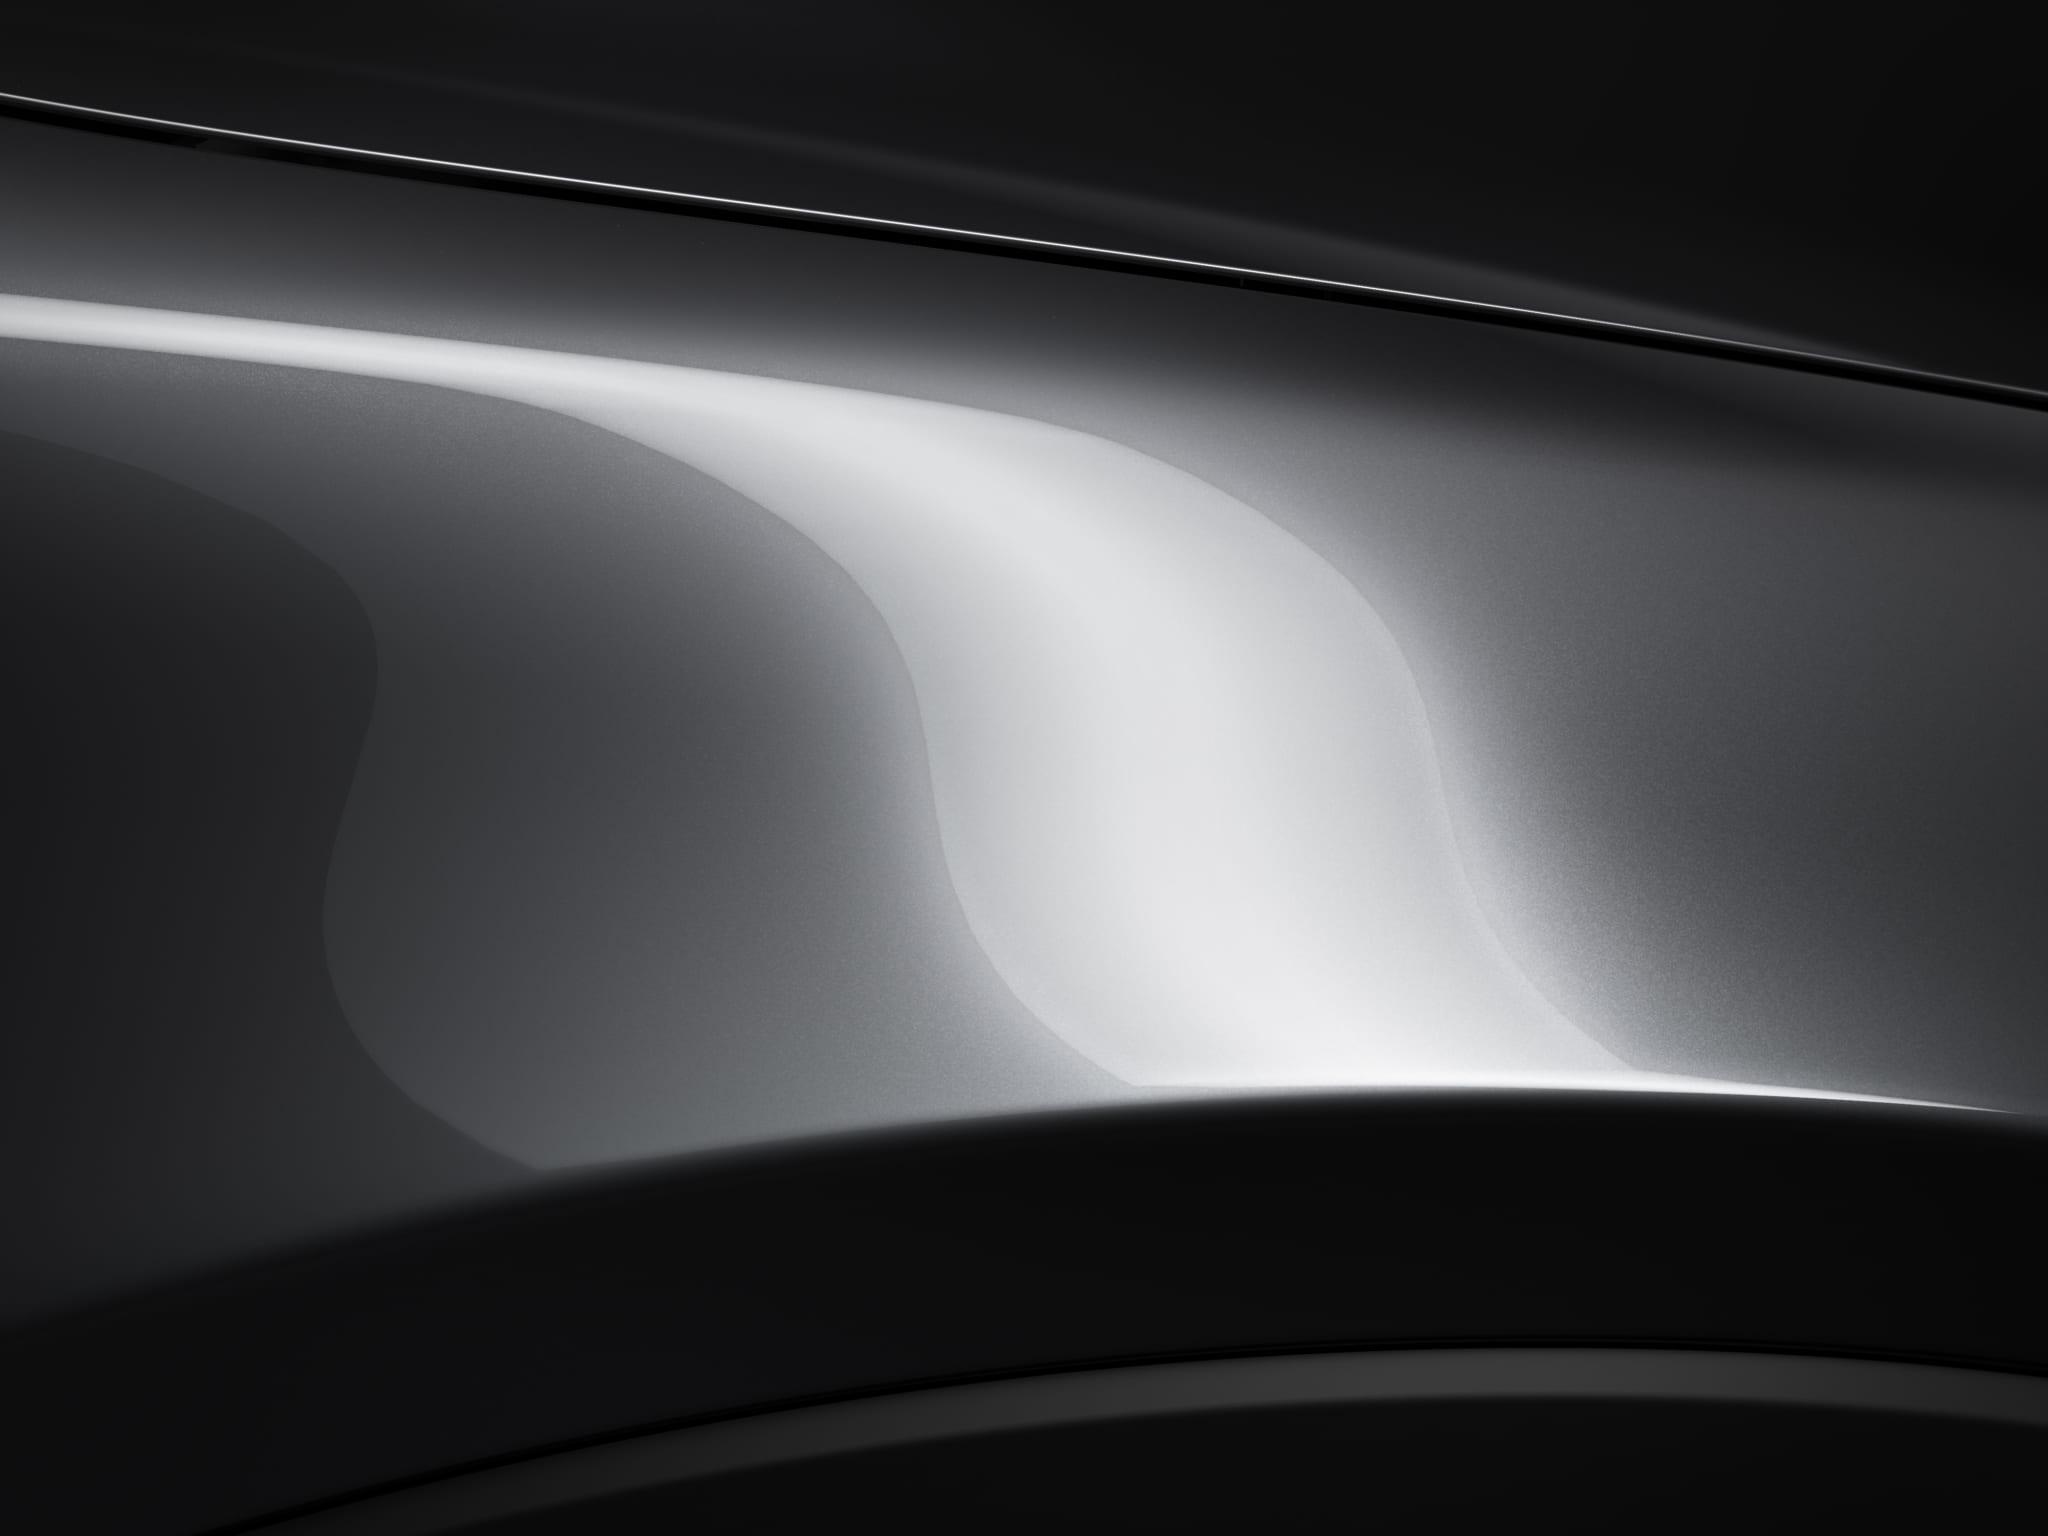 マツダ CX-30 マシーングレープレミアムメタリック カラー見本 2019